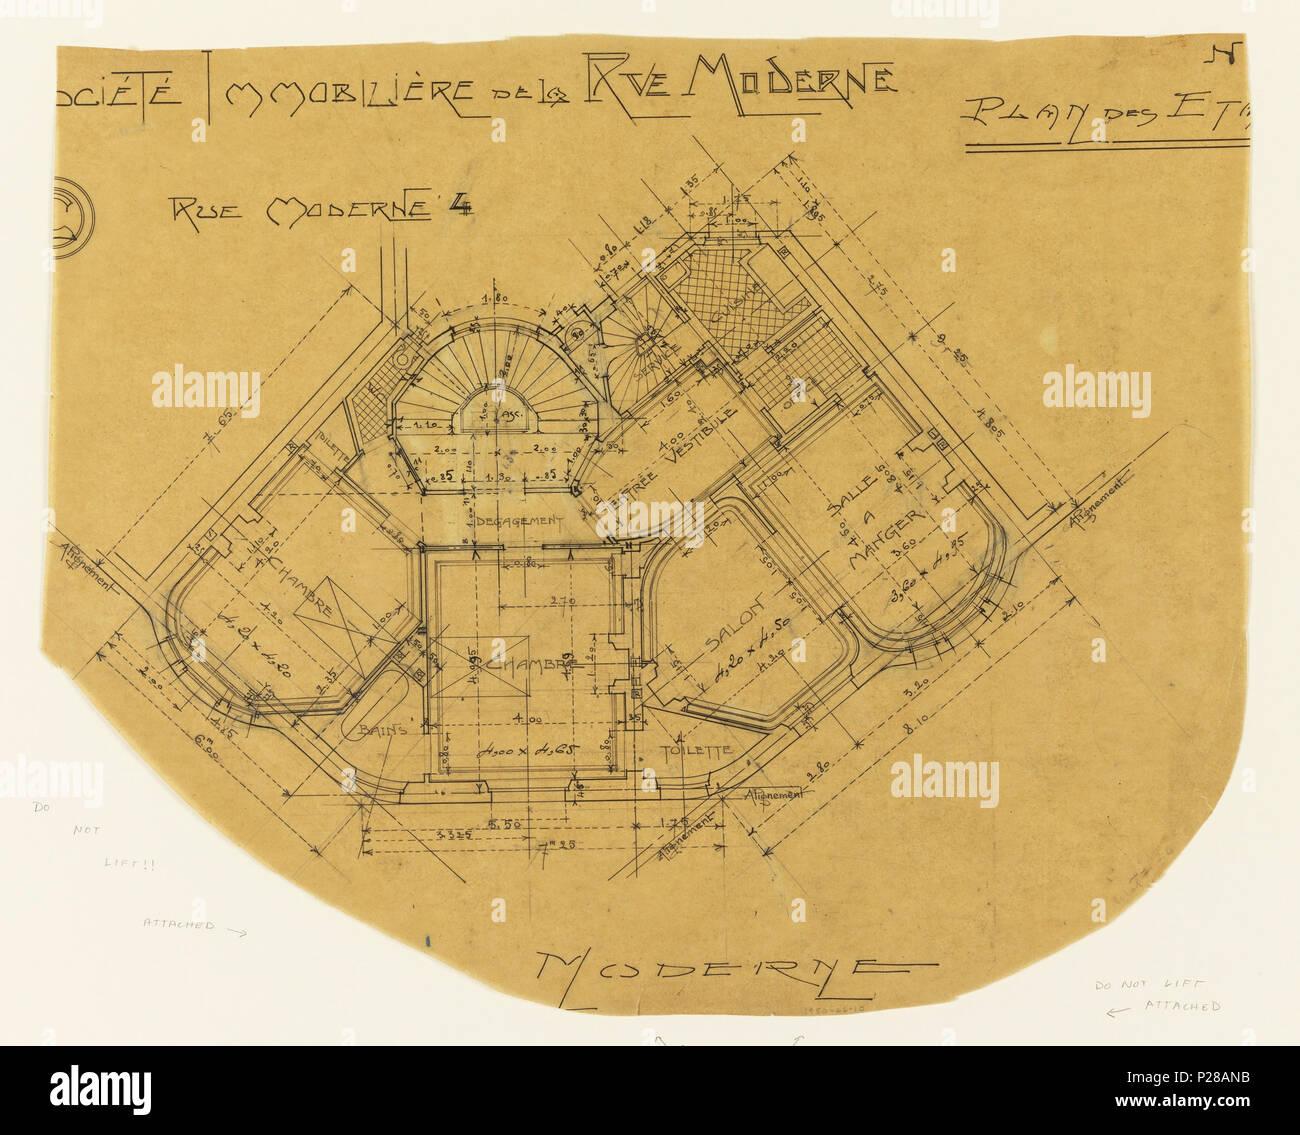 Englisch: Zeichnung, Societe Immobliere de la rue Moderne, Plan du ...